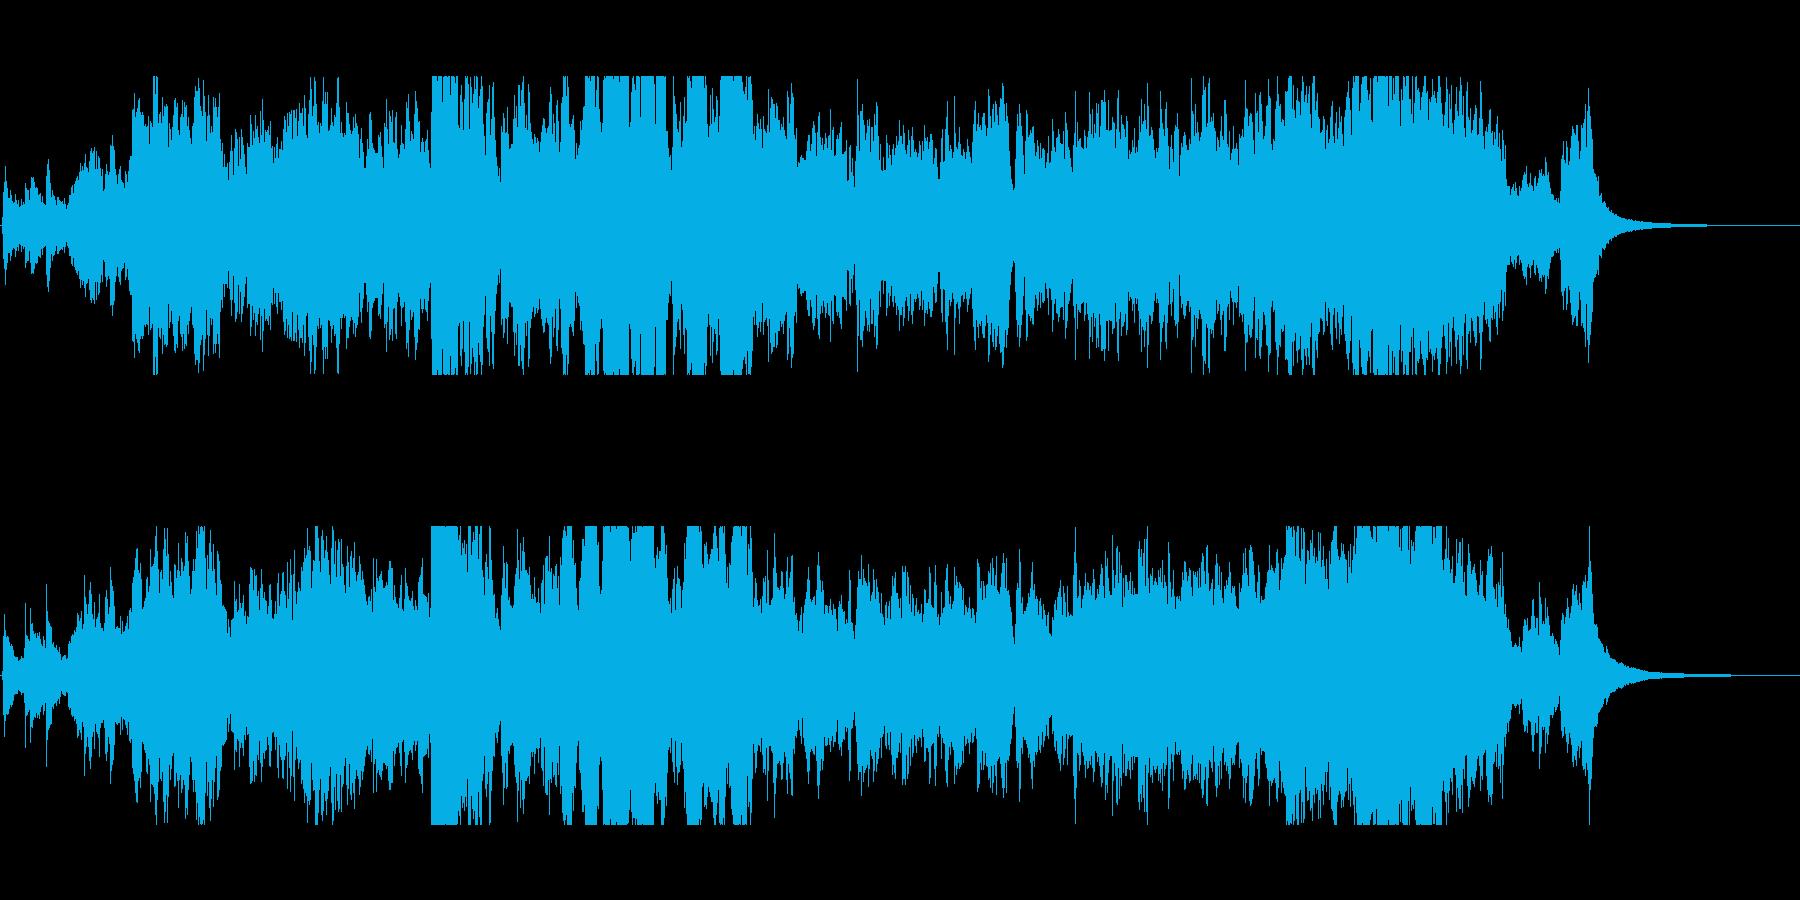 生バイオリンと金管の雄大なオープニングの再生済みの波形